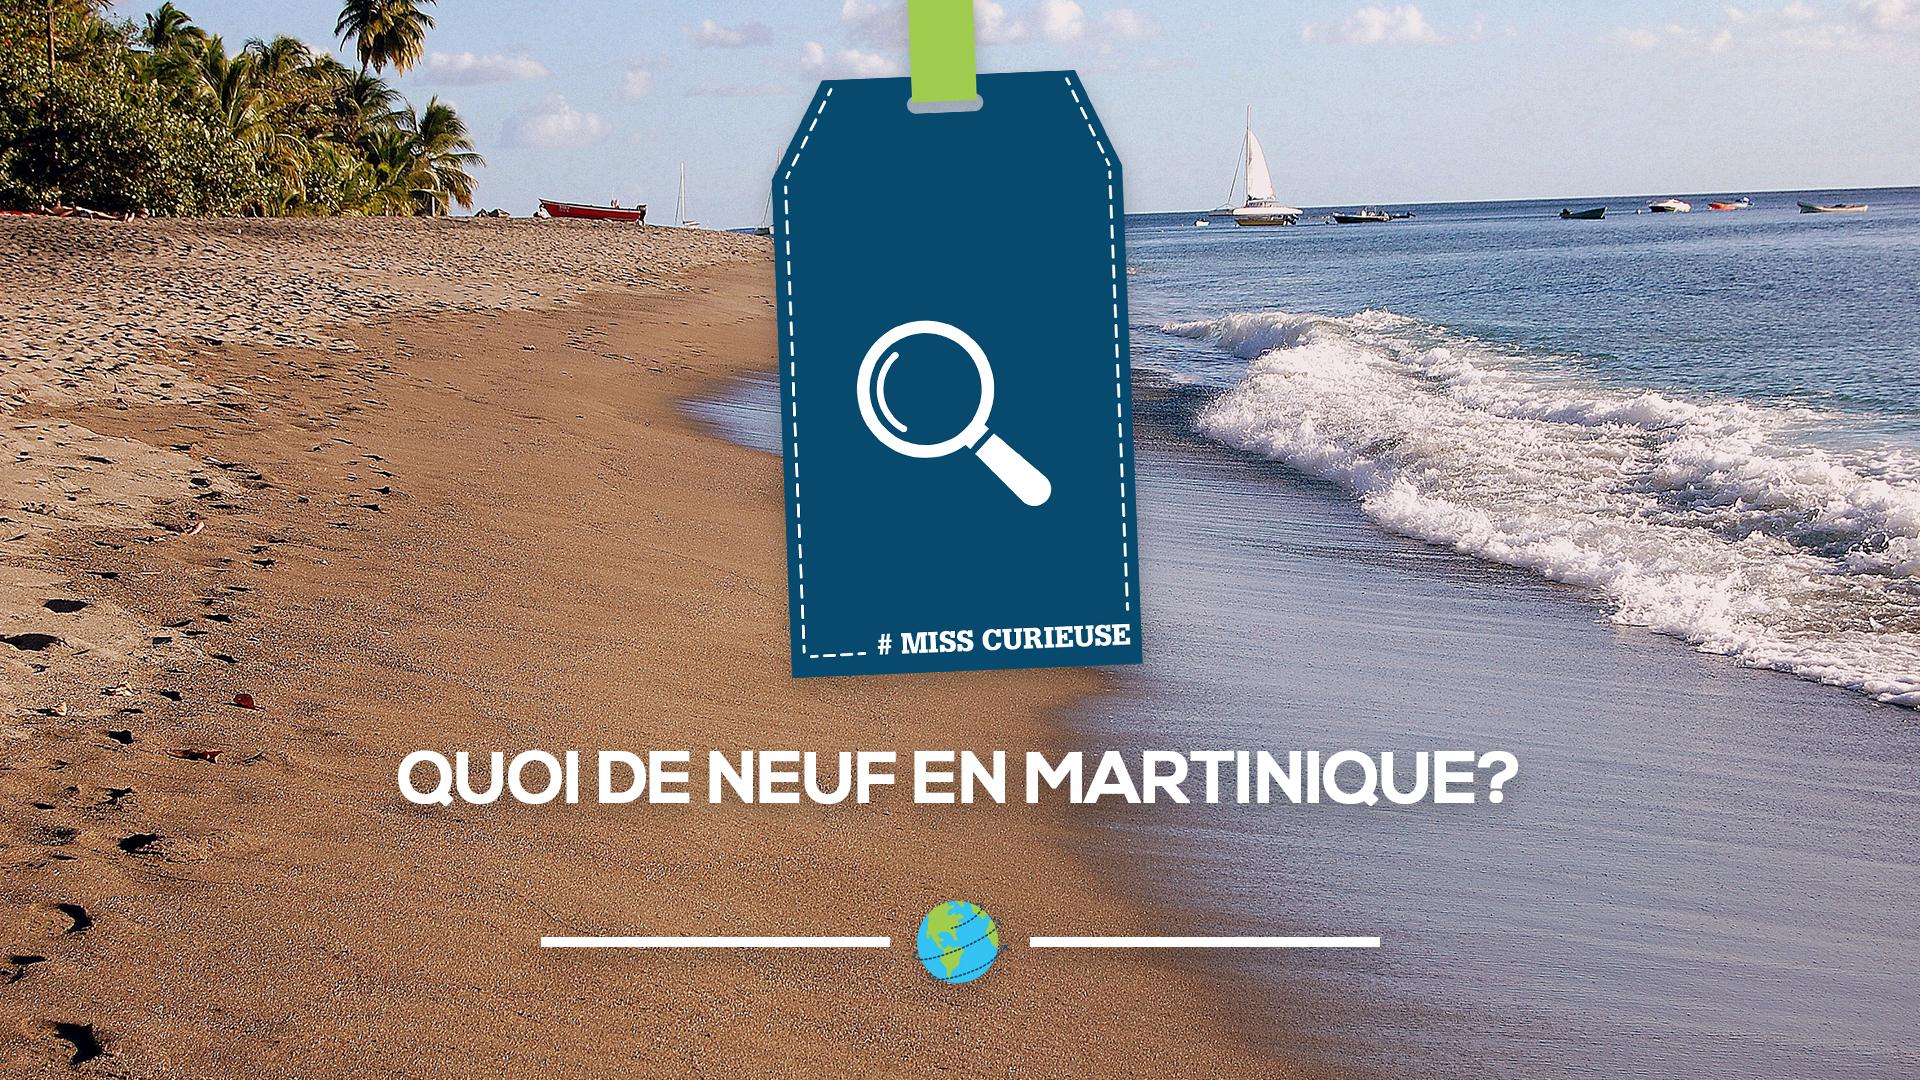 nouveaute tourisme martinique